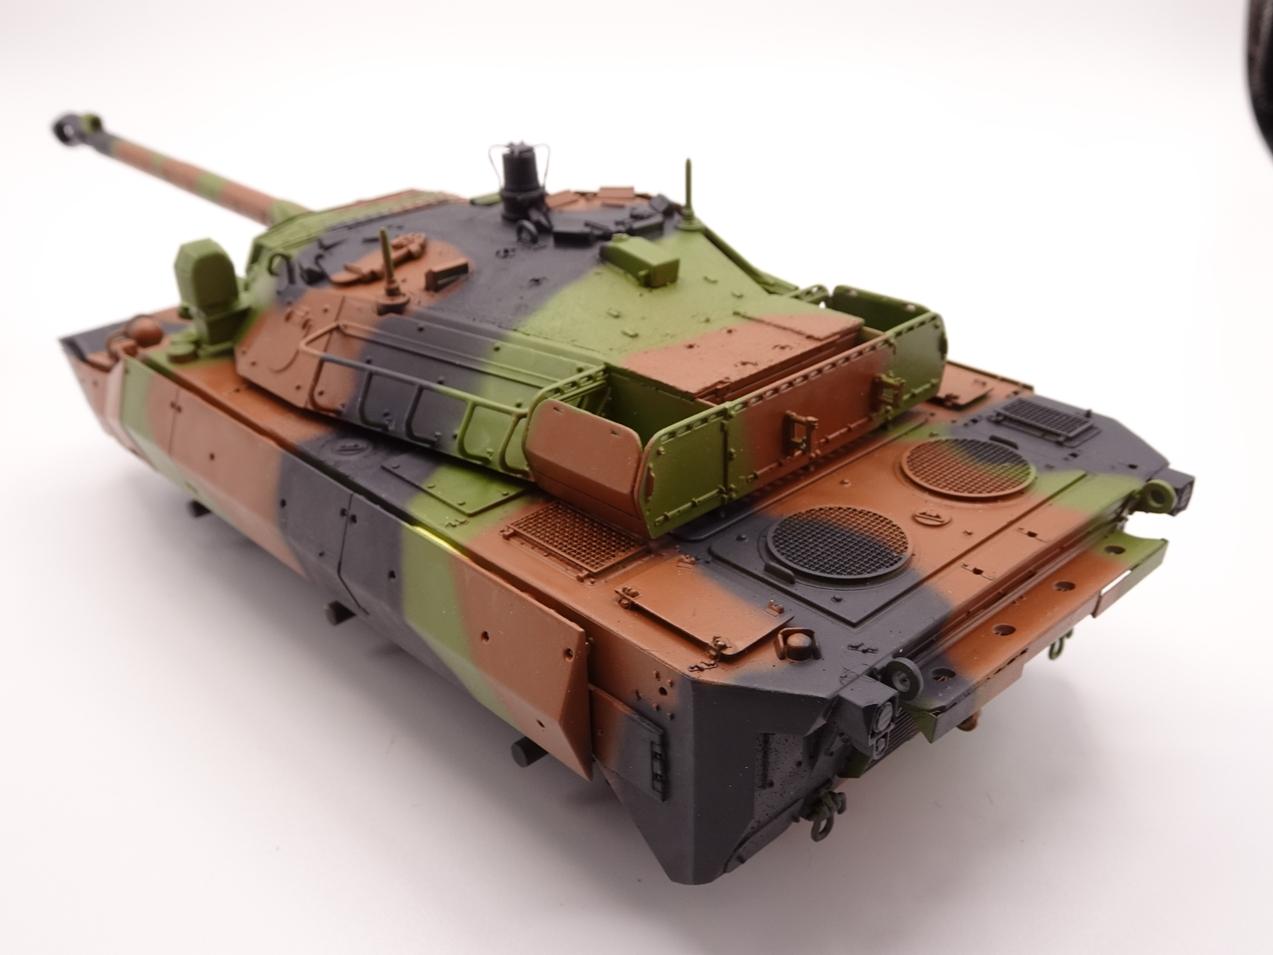 [Tiger Model] AMX-10RCR réf. 4602 - 1/35 - Page 3 Amx10-camo-3